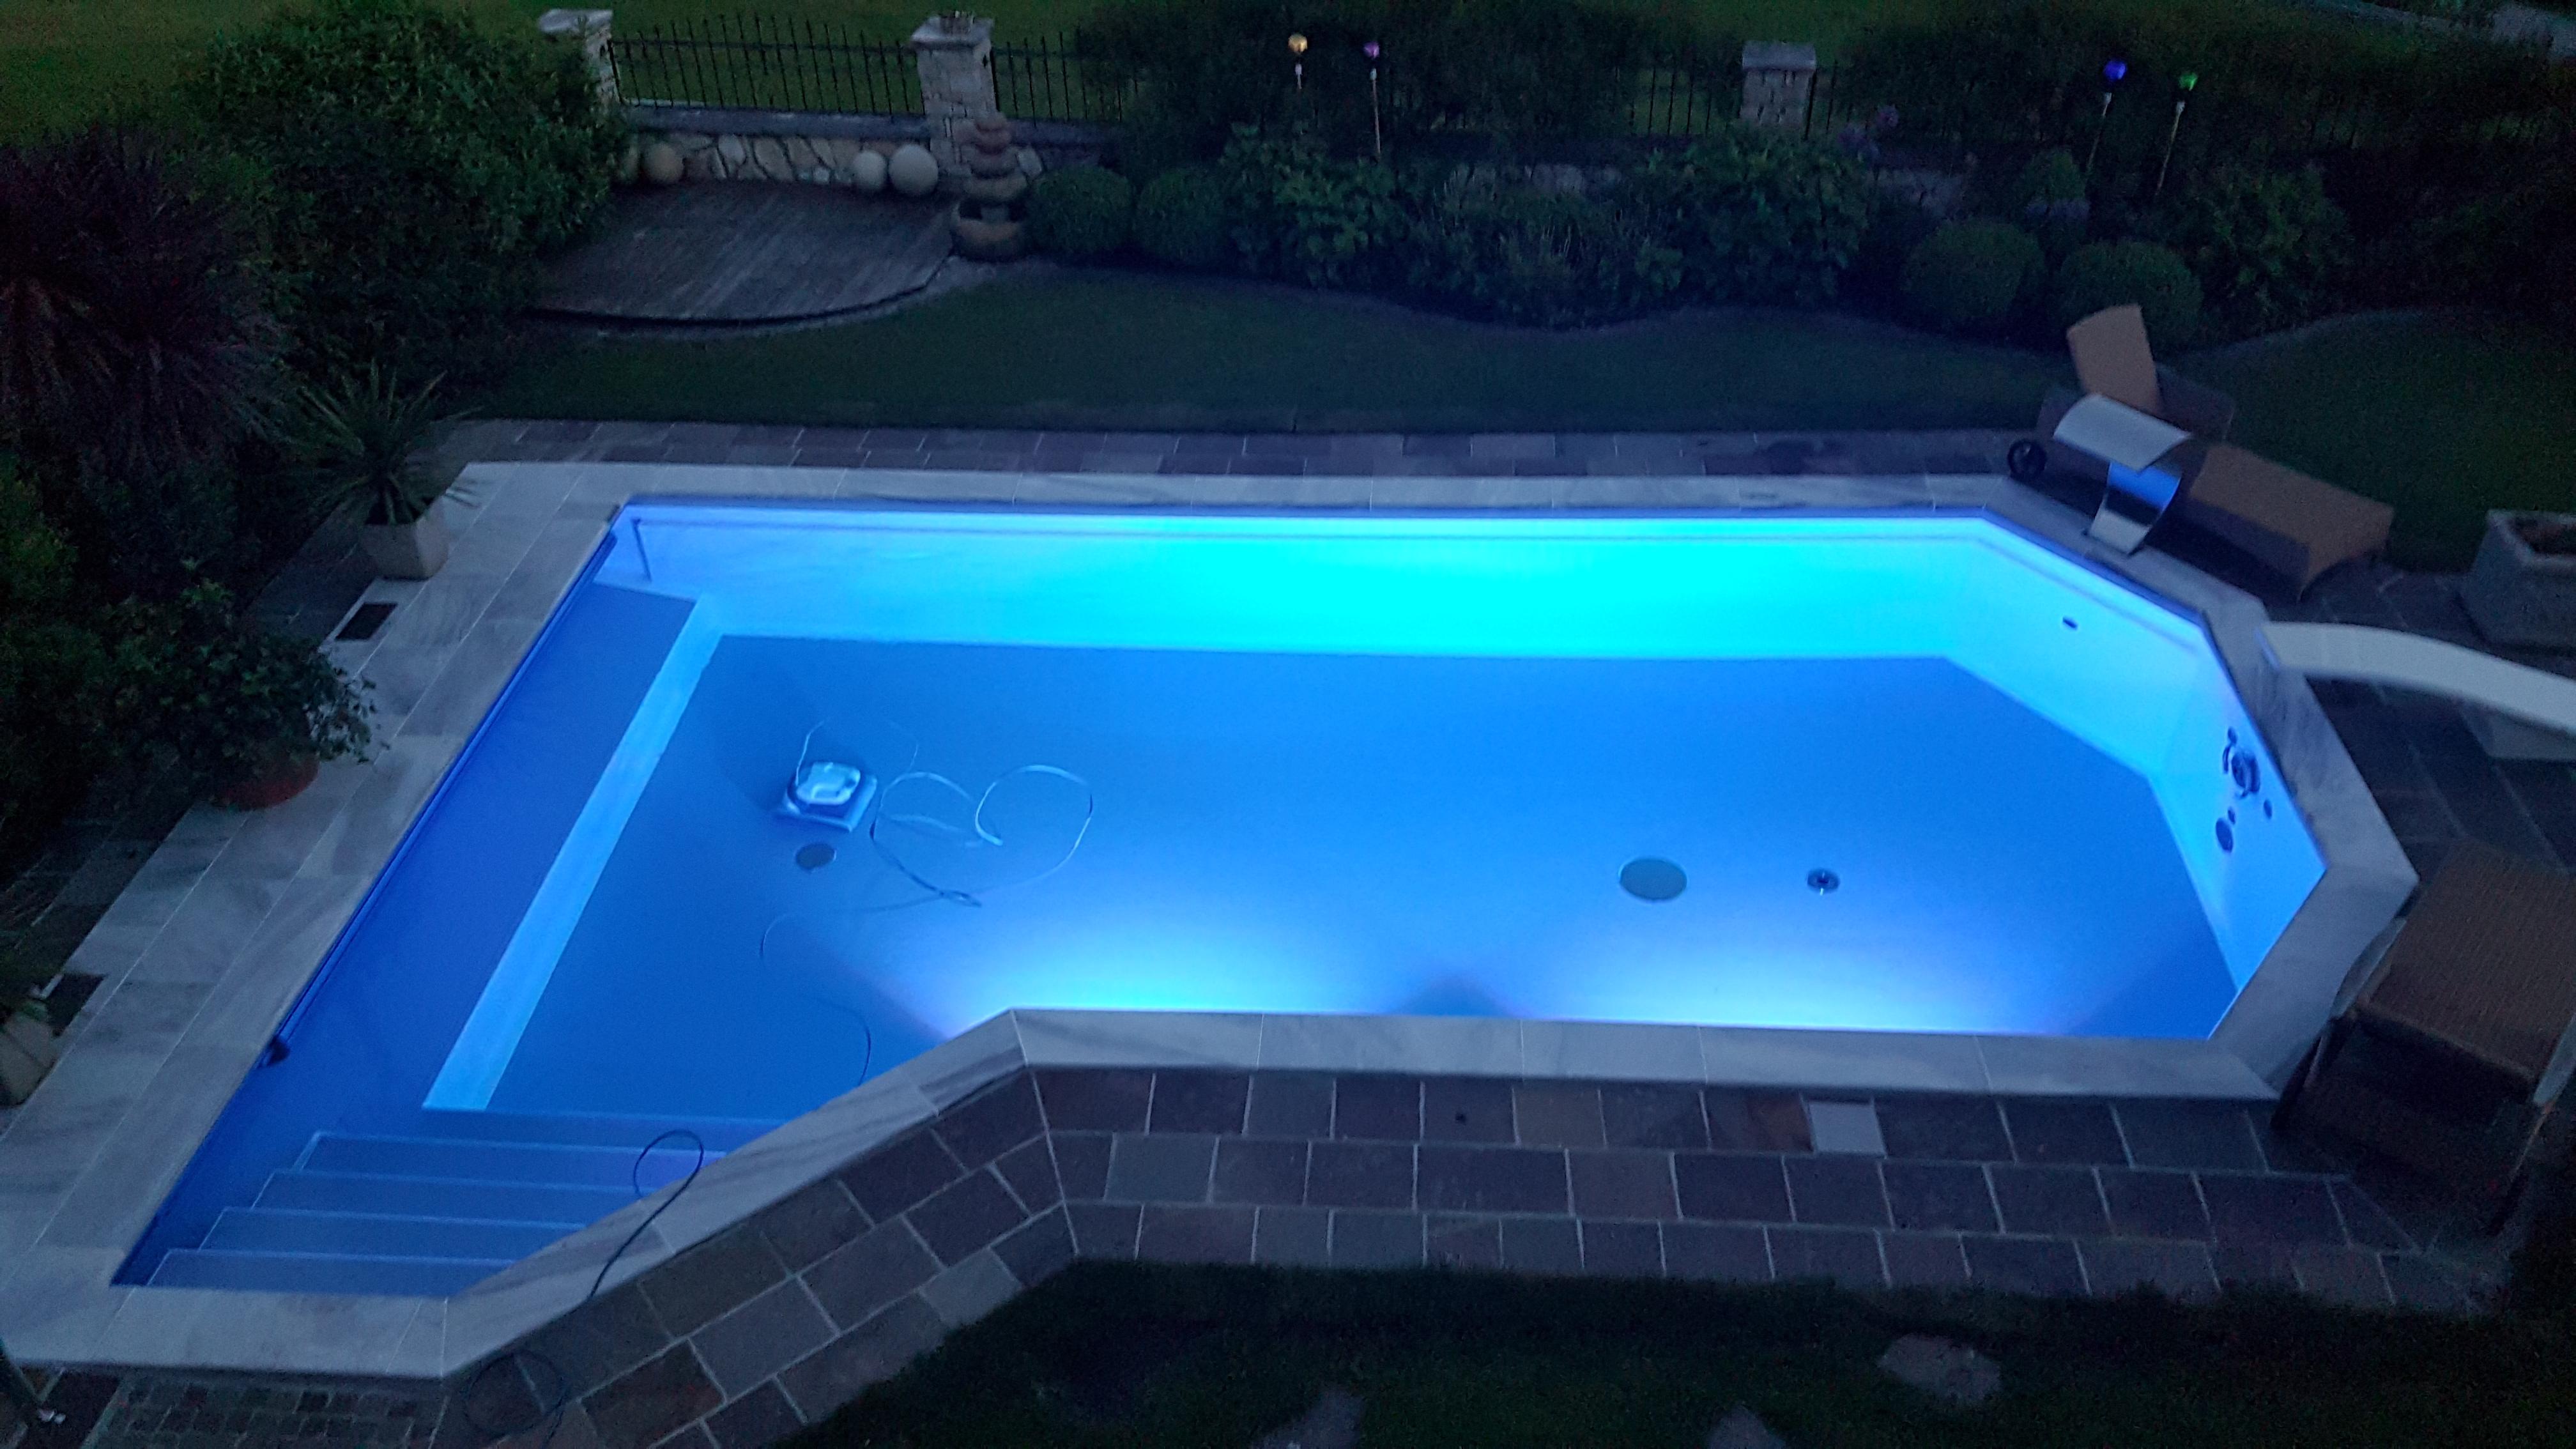 pool losungen im aussenbereich der ssa fluidra osterreich gmbh foto copyright markus ebner pool losungen im aussenbereich der ssa fluidra osterreich